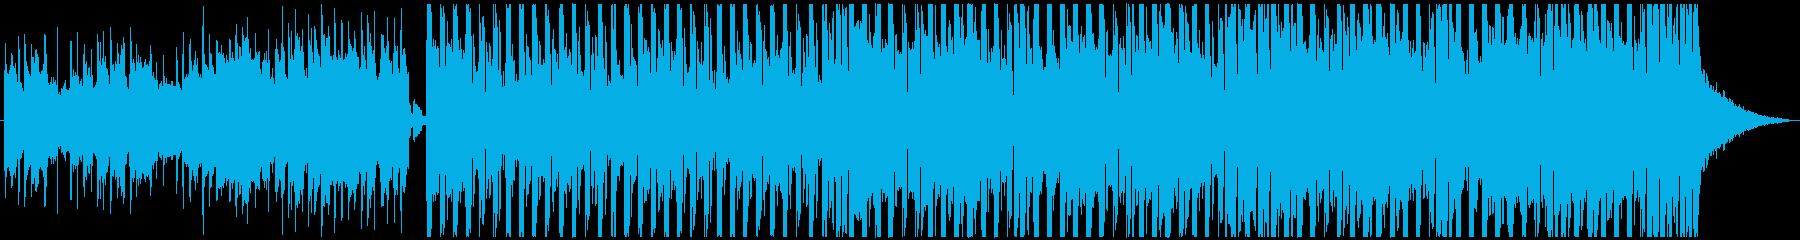 シンプルで反復的なギターリフに基づ...の再生済みの波形